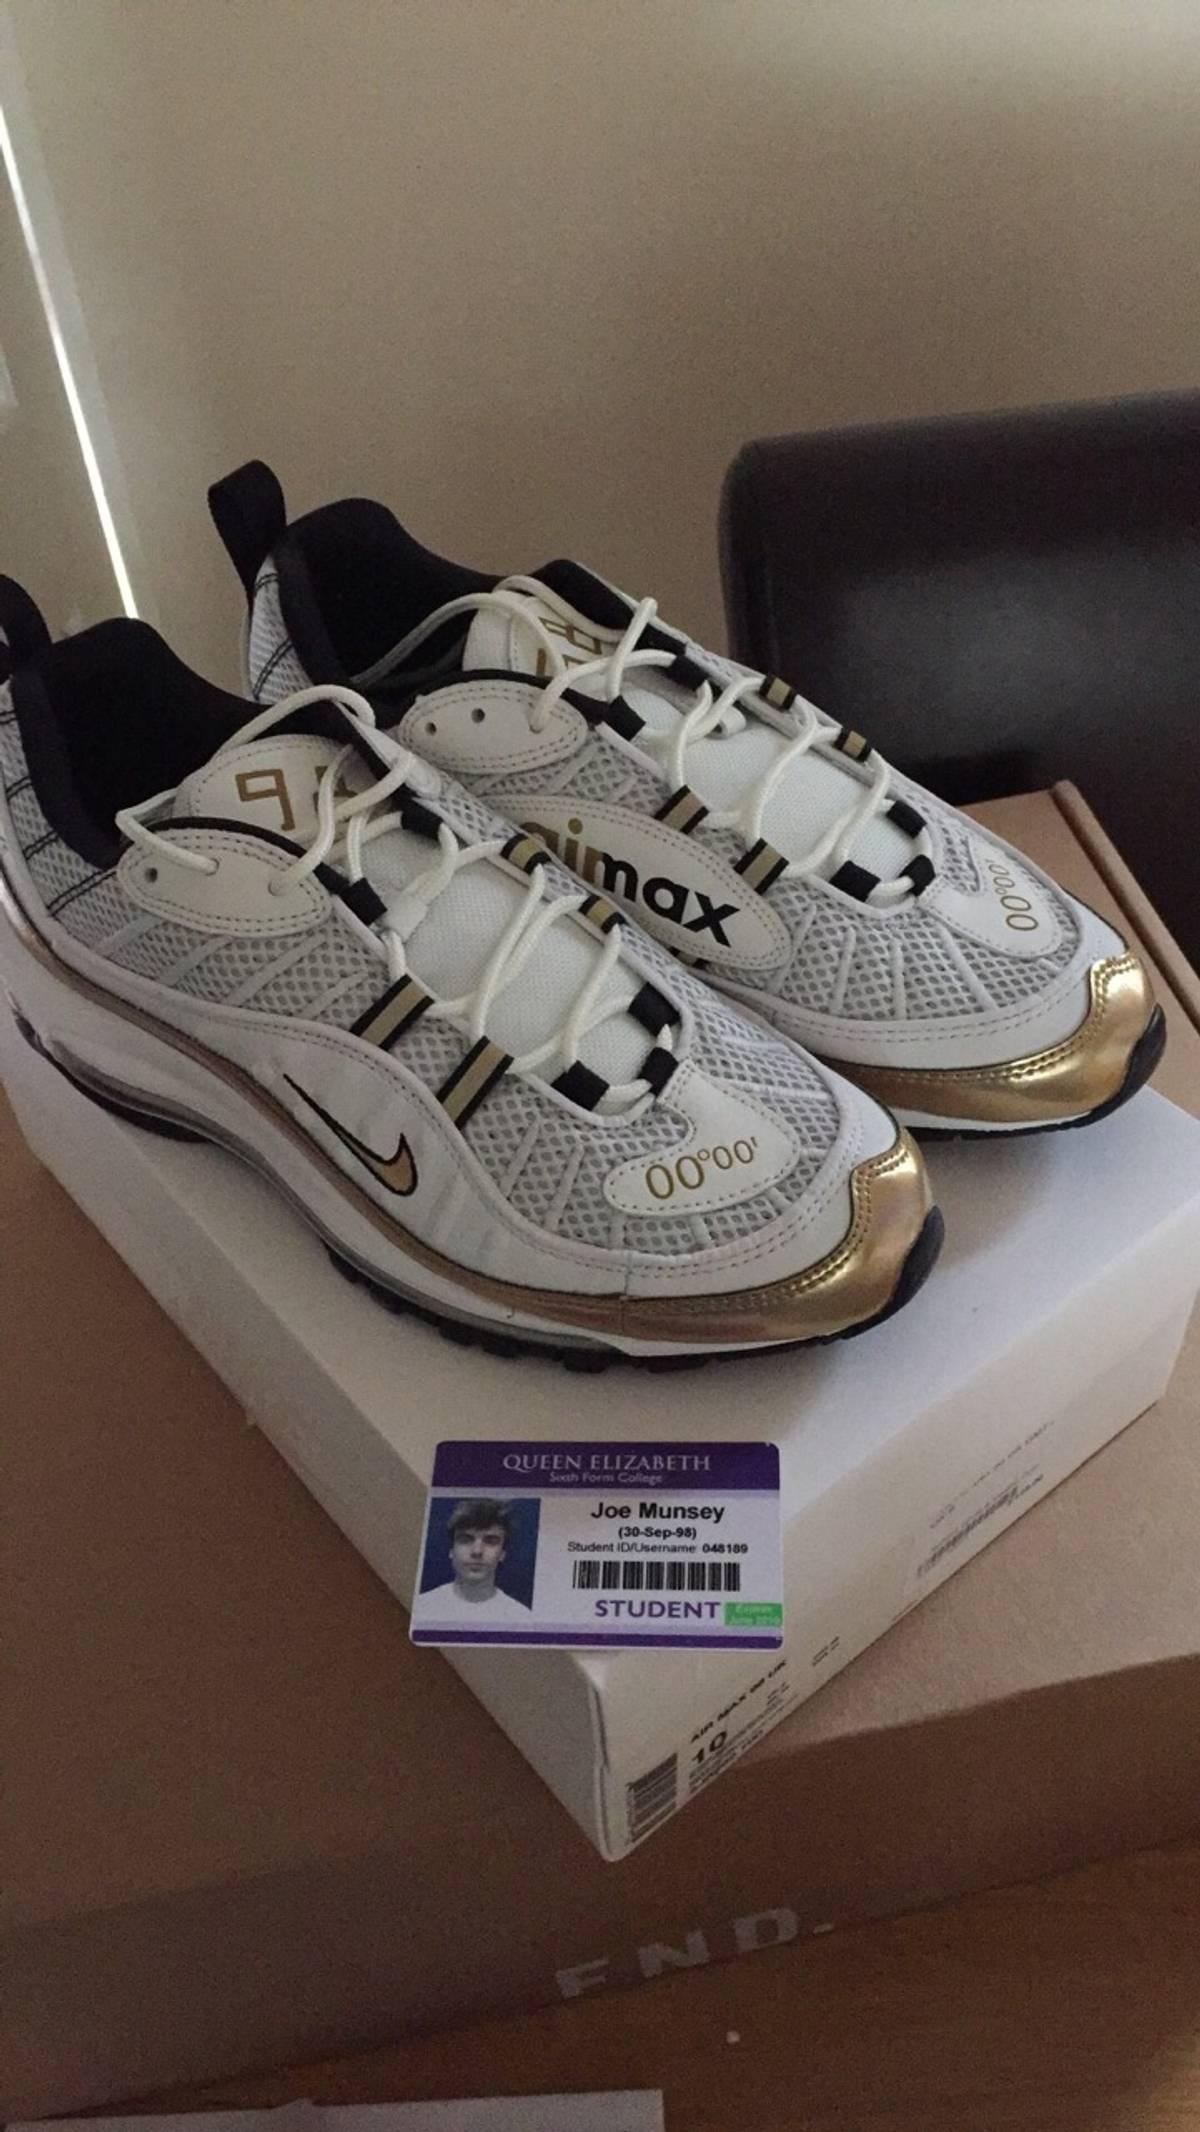 93a3cf496f Nike Airmax 98 Gmt | Grailed